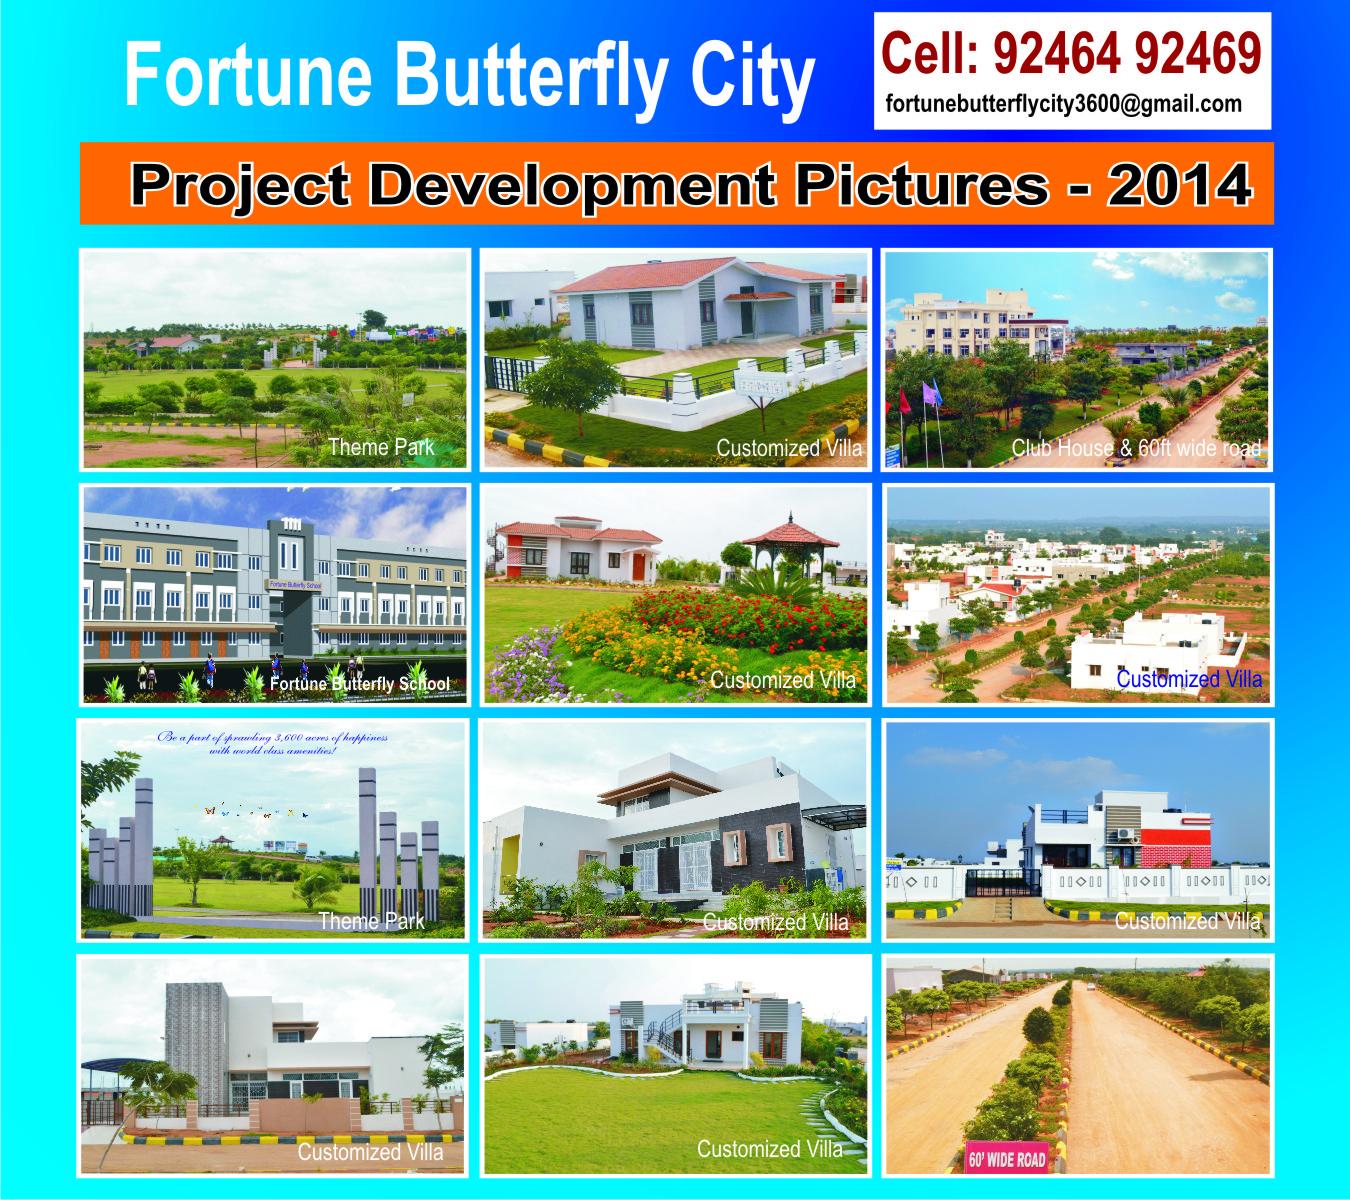 Fortune Butterflycity